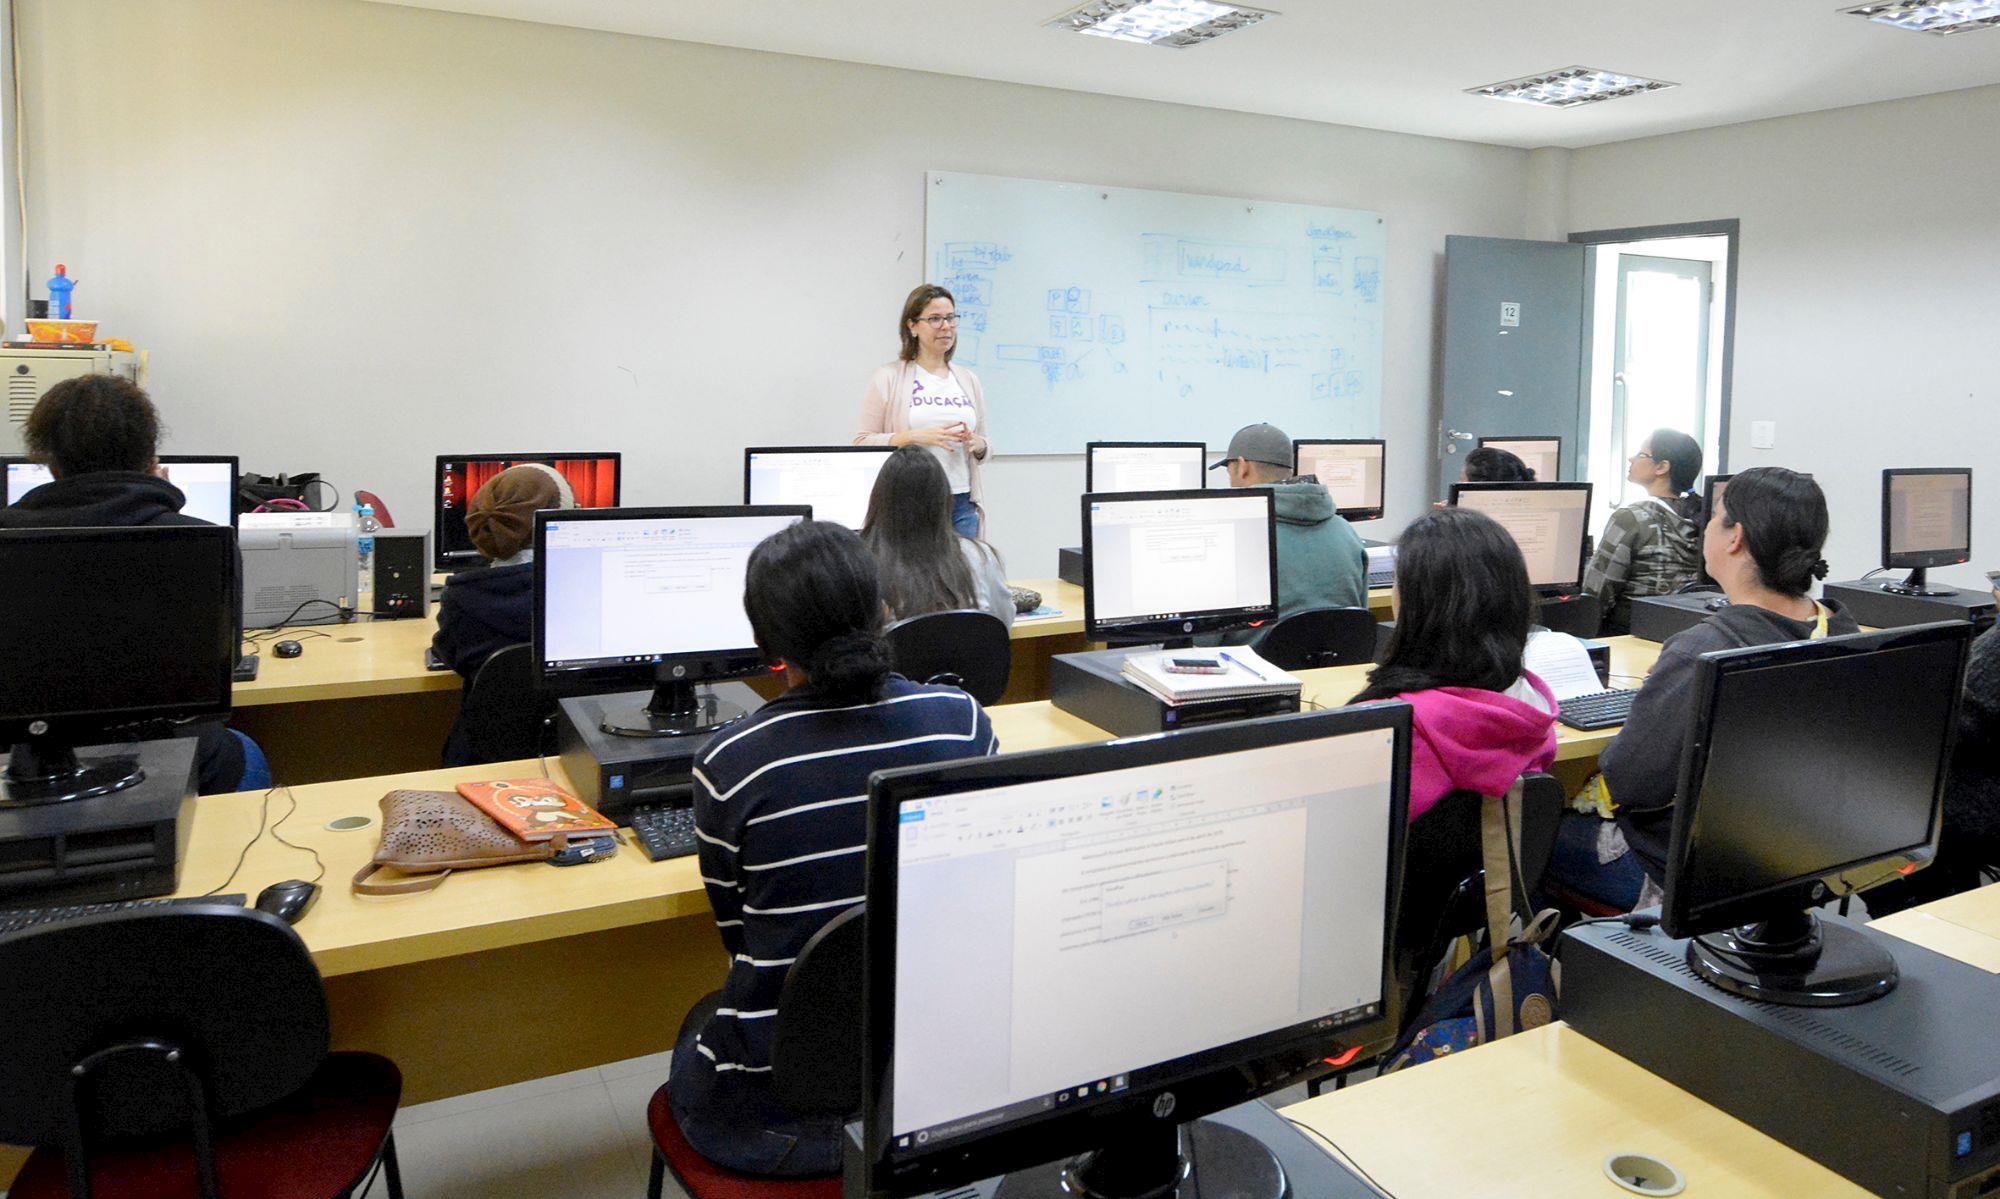 informatica, curso, rise, smetal, qualificação, Foguinho/ Arquivo SMetal